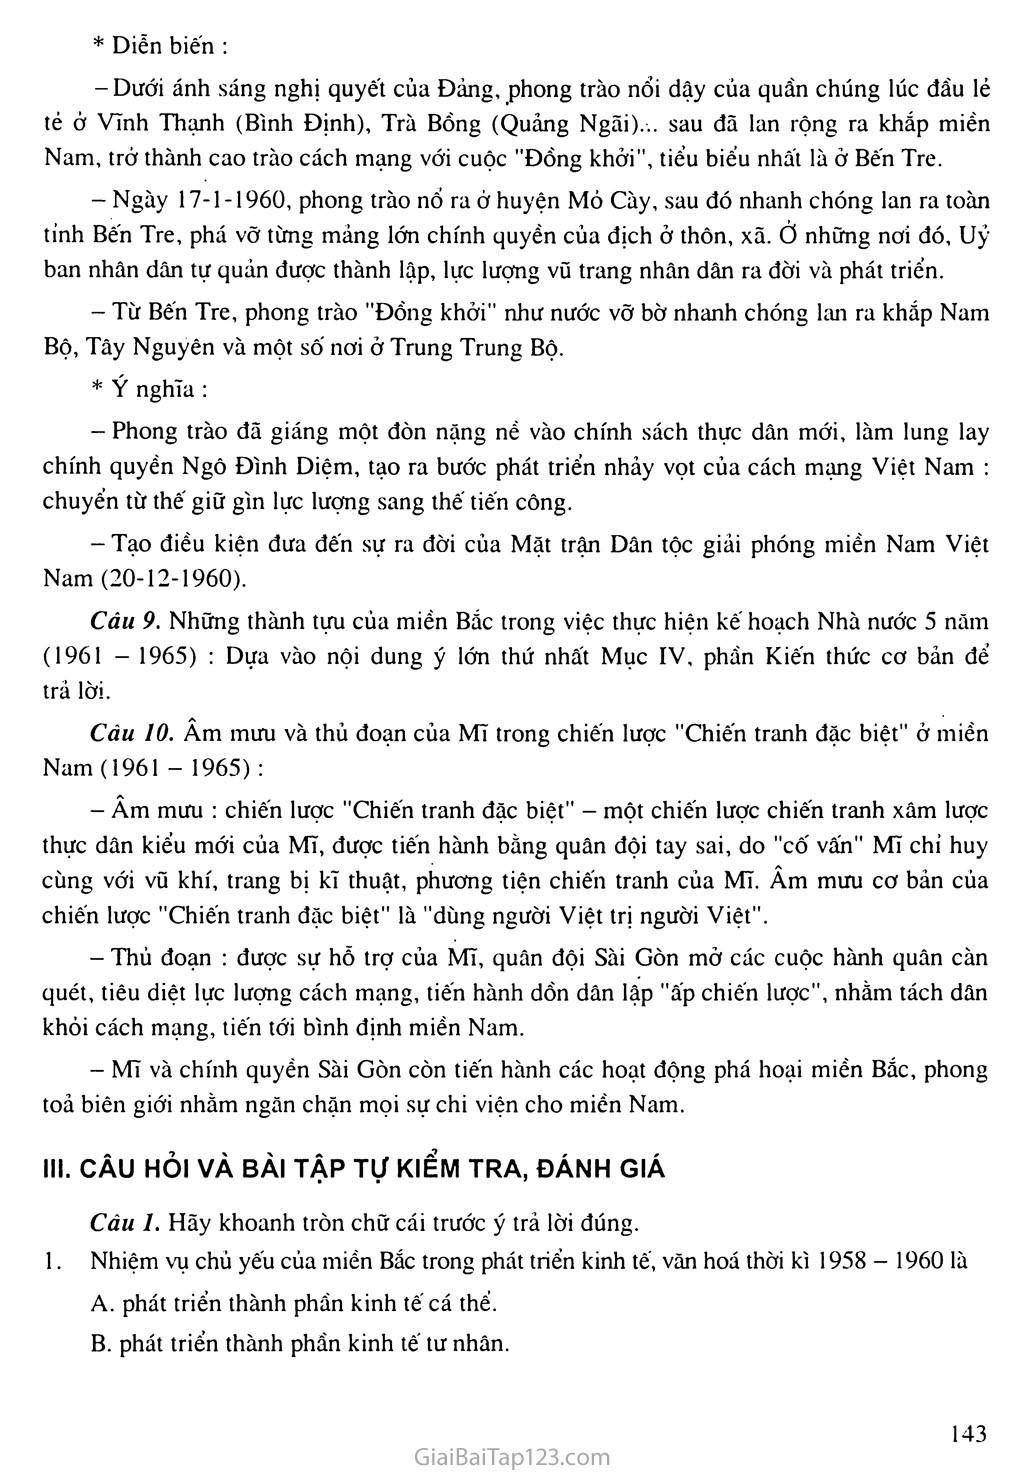 Bài 28: Xây dựng chủ nghĩa xã hội ở miền Bắc, đấu tranh chống đế quốc Mĩ và chính quyền Sài Gòn ở miền Nam (1954 - 1965) trang 8